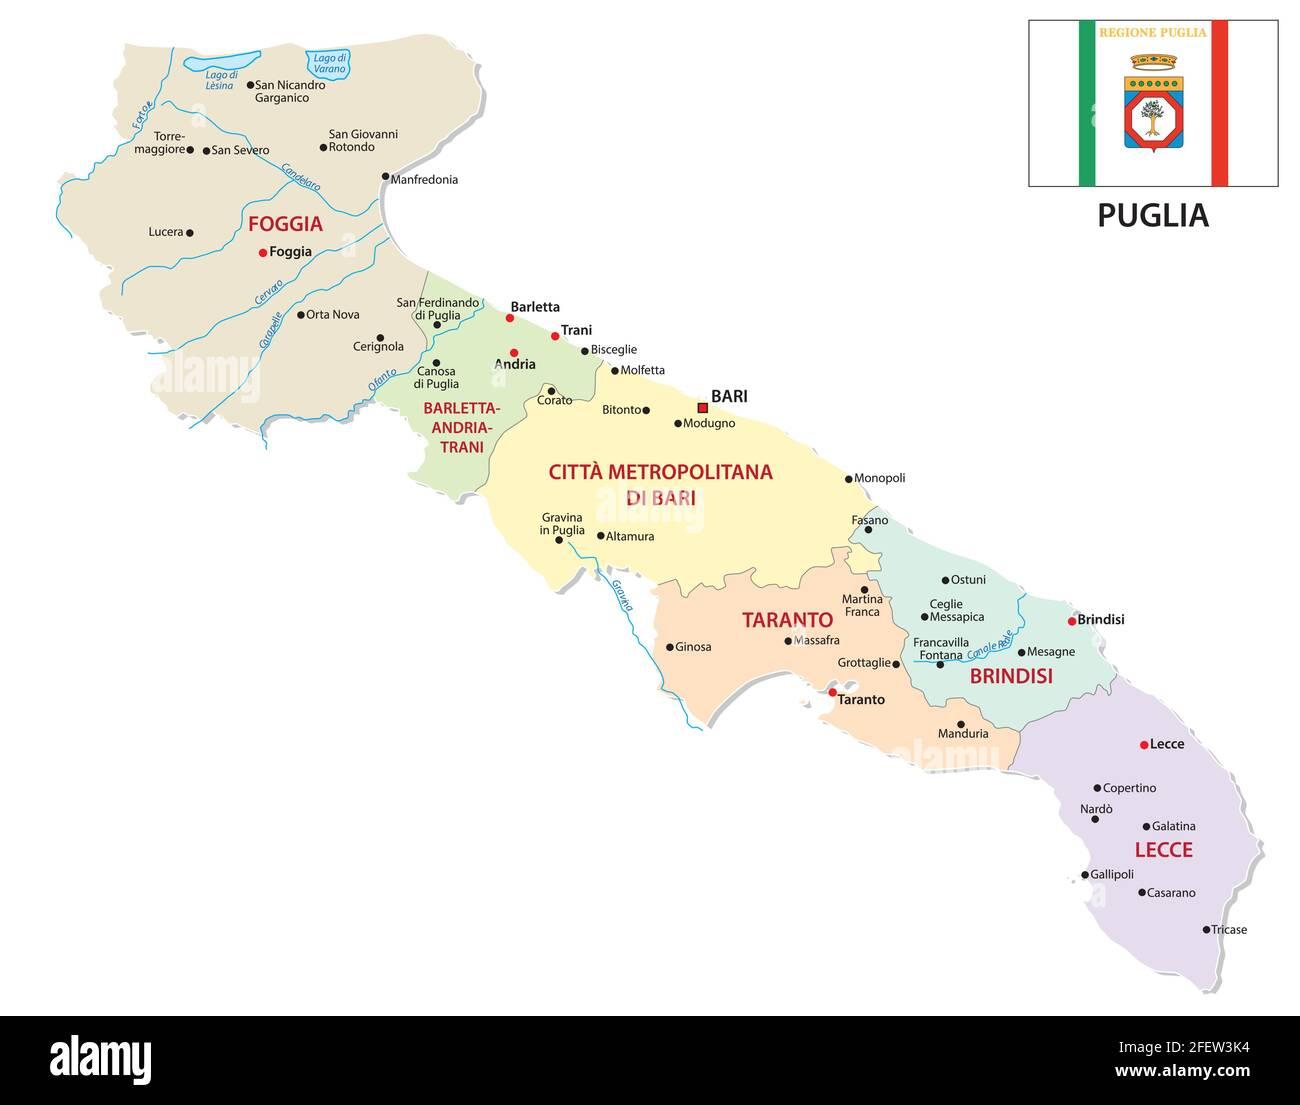 Cartina Puglia Con Province.Vettore Di Mappa Di Puglia Immagini E Fotos Stock Alamy